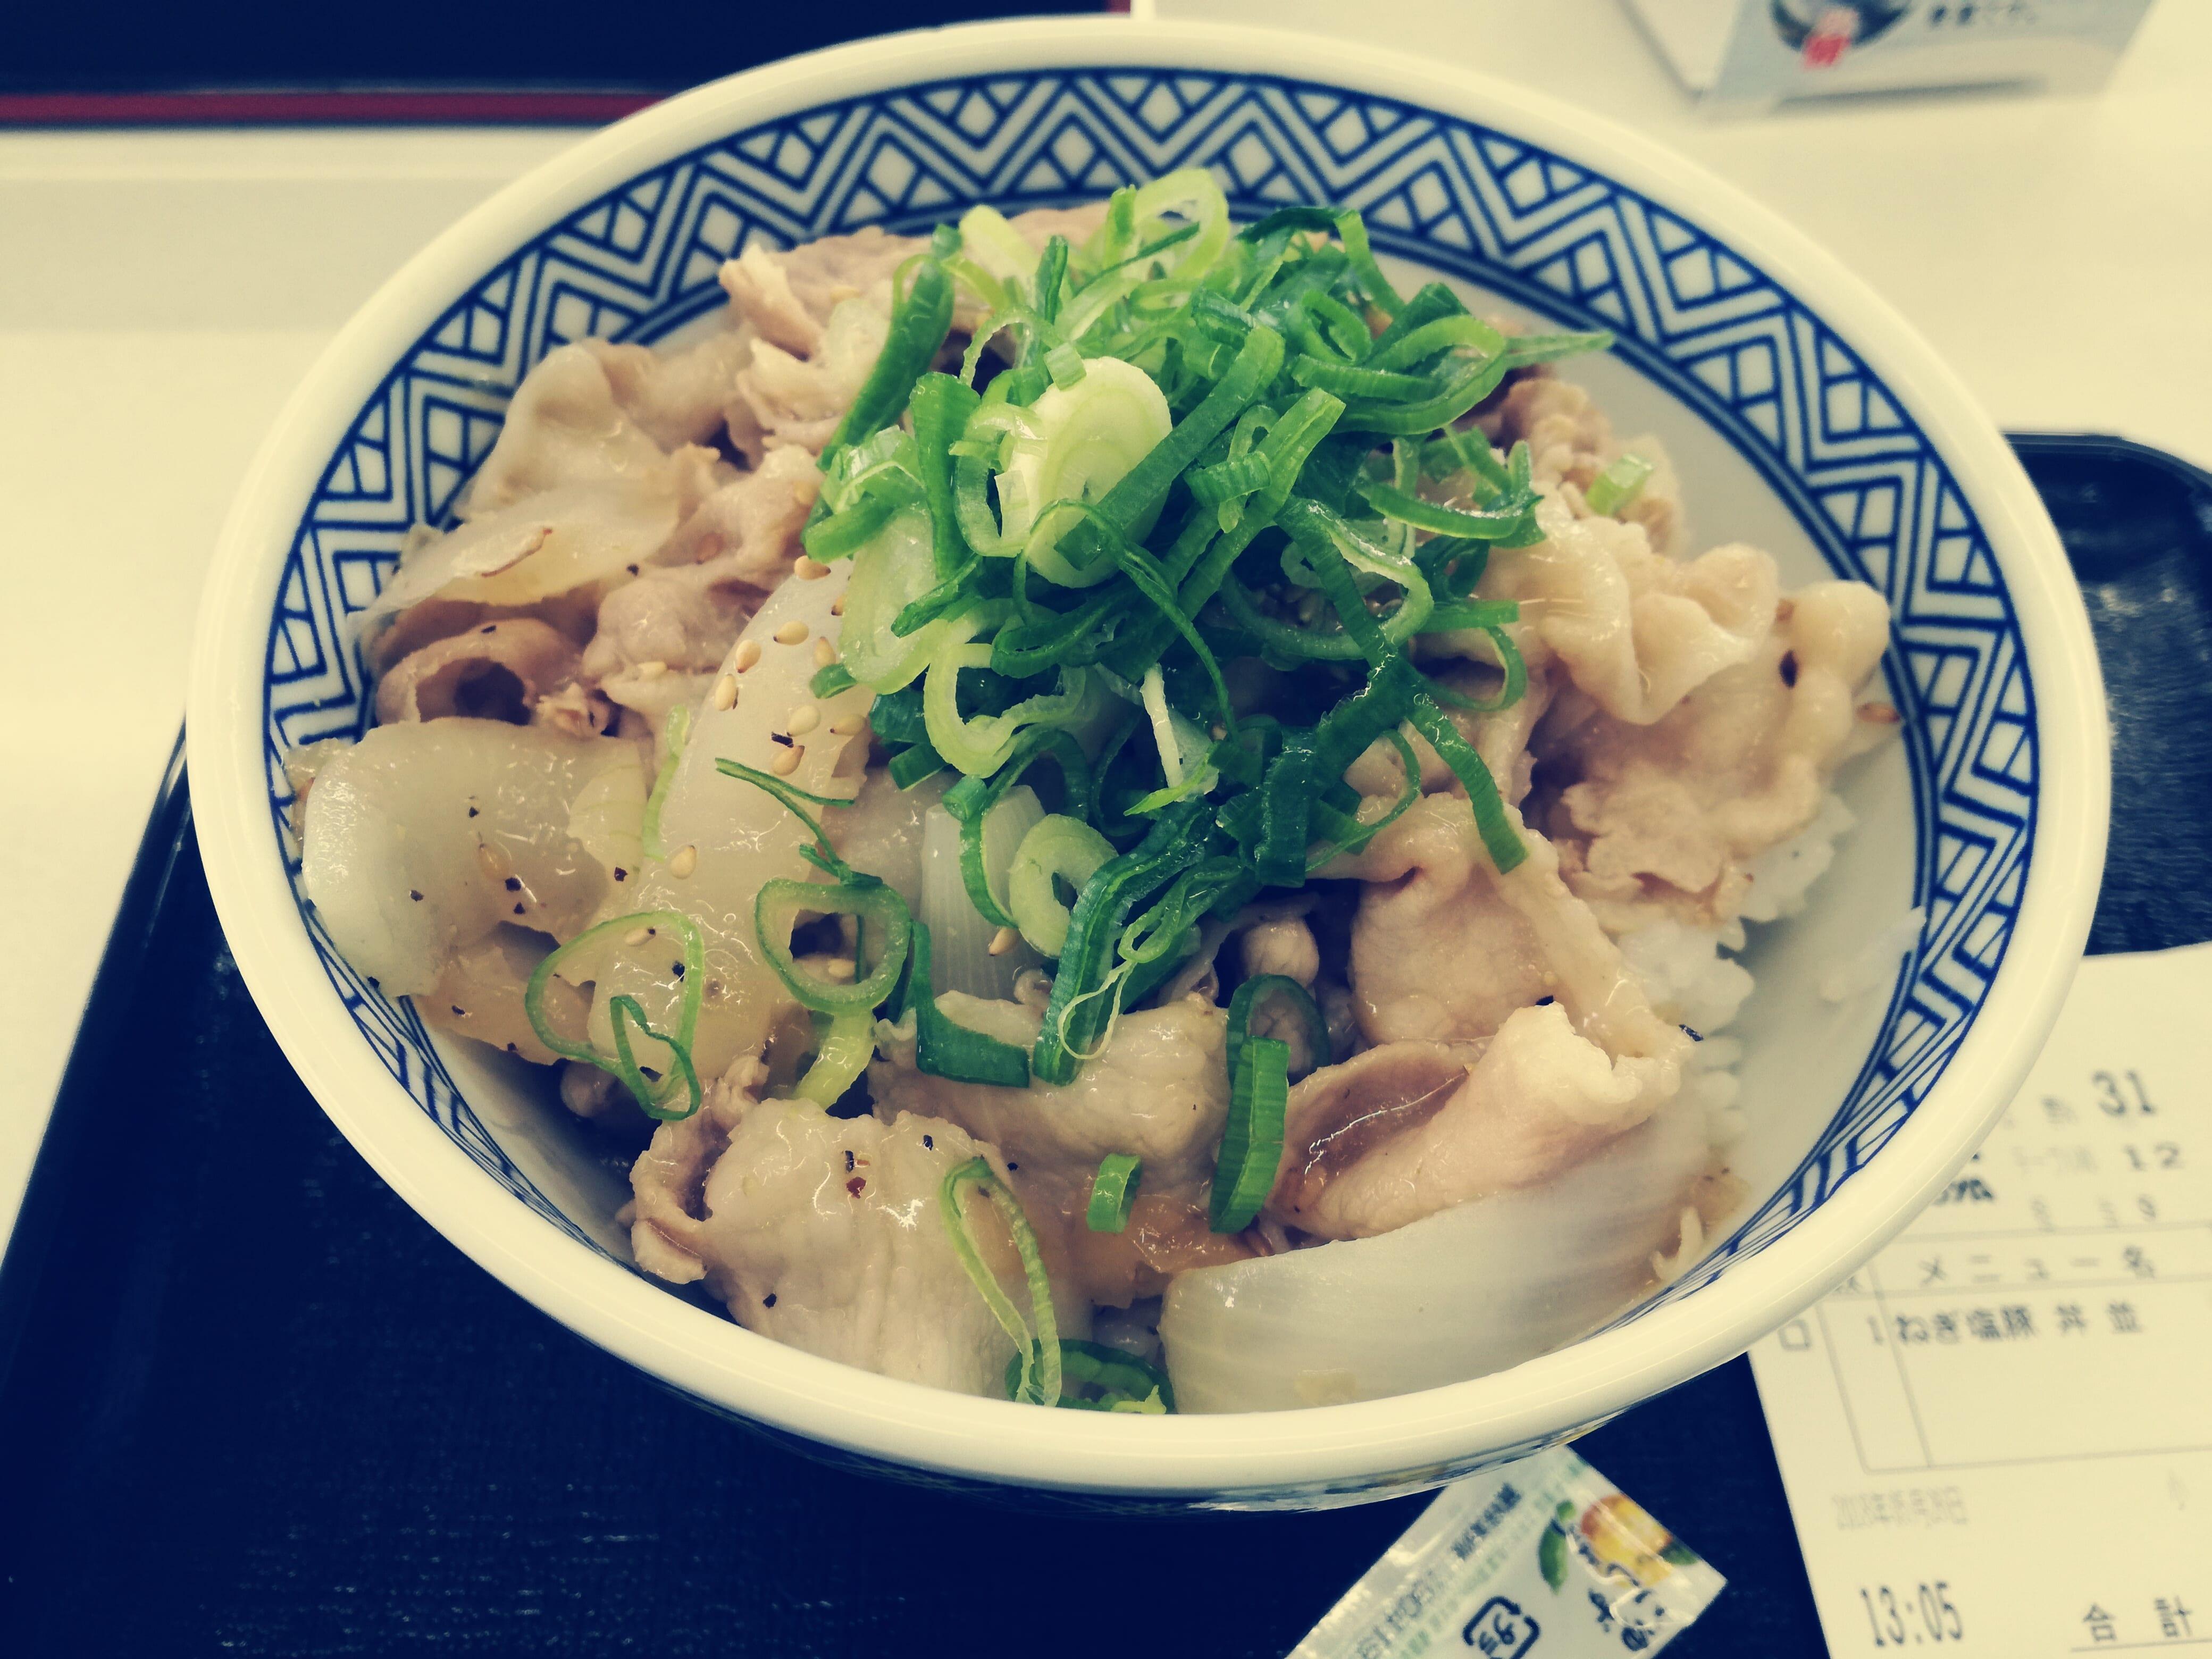 吉野家ホールディングス(9861)の株主優待券でお得にランチ!ねぎ塩豚丼を食べました!